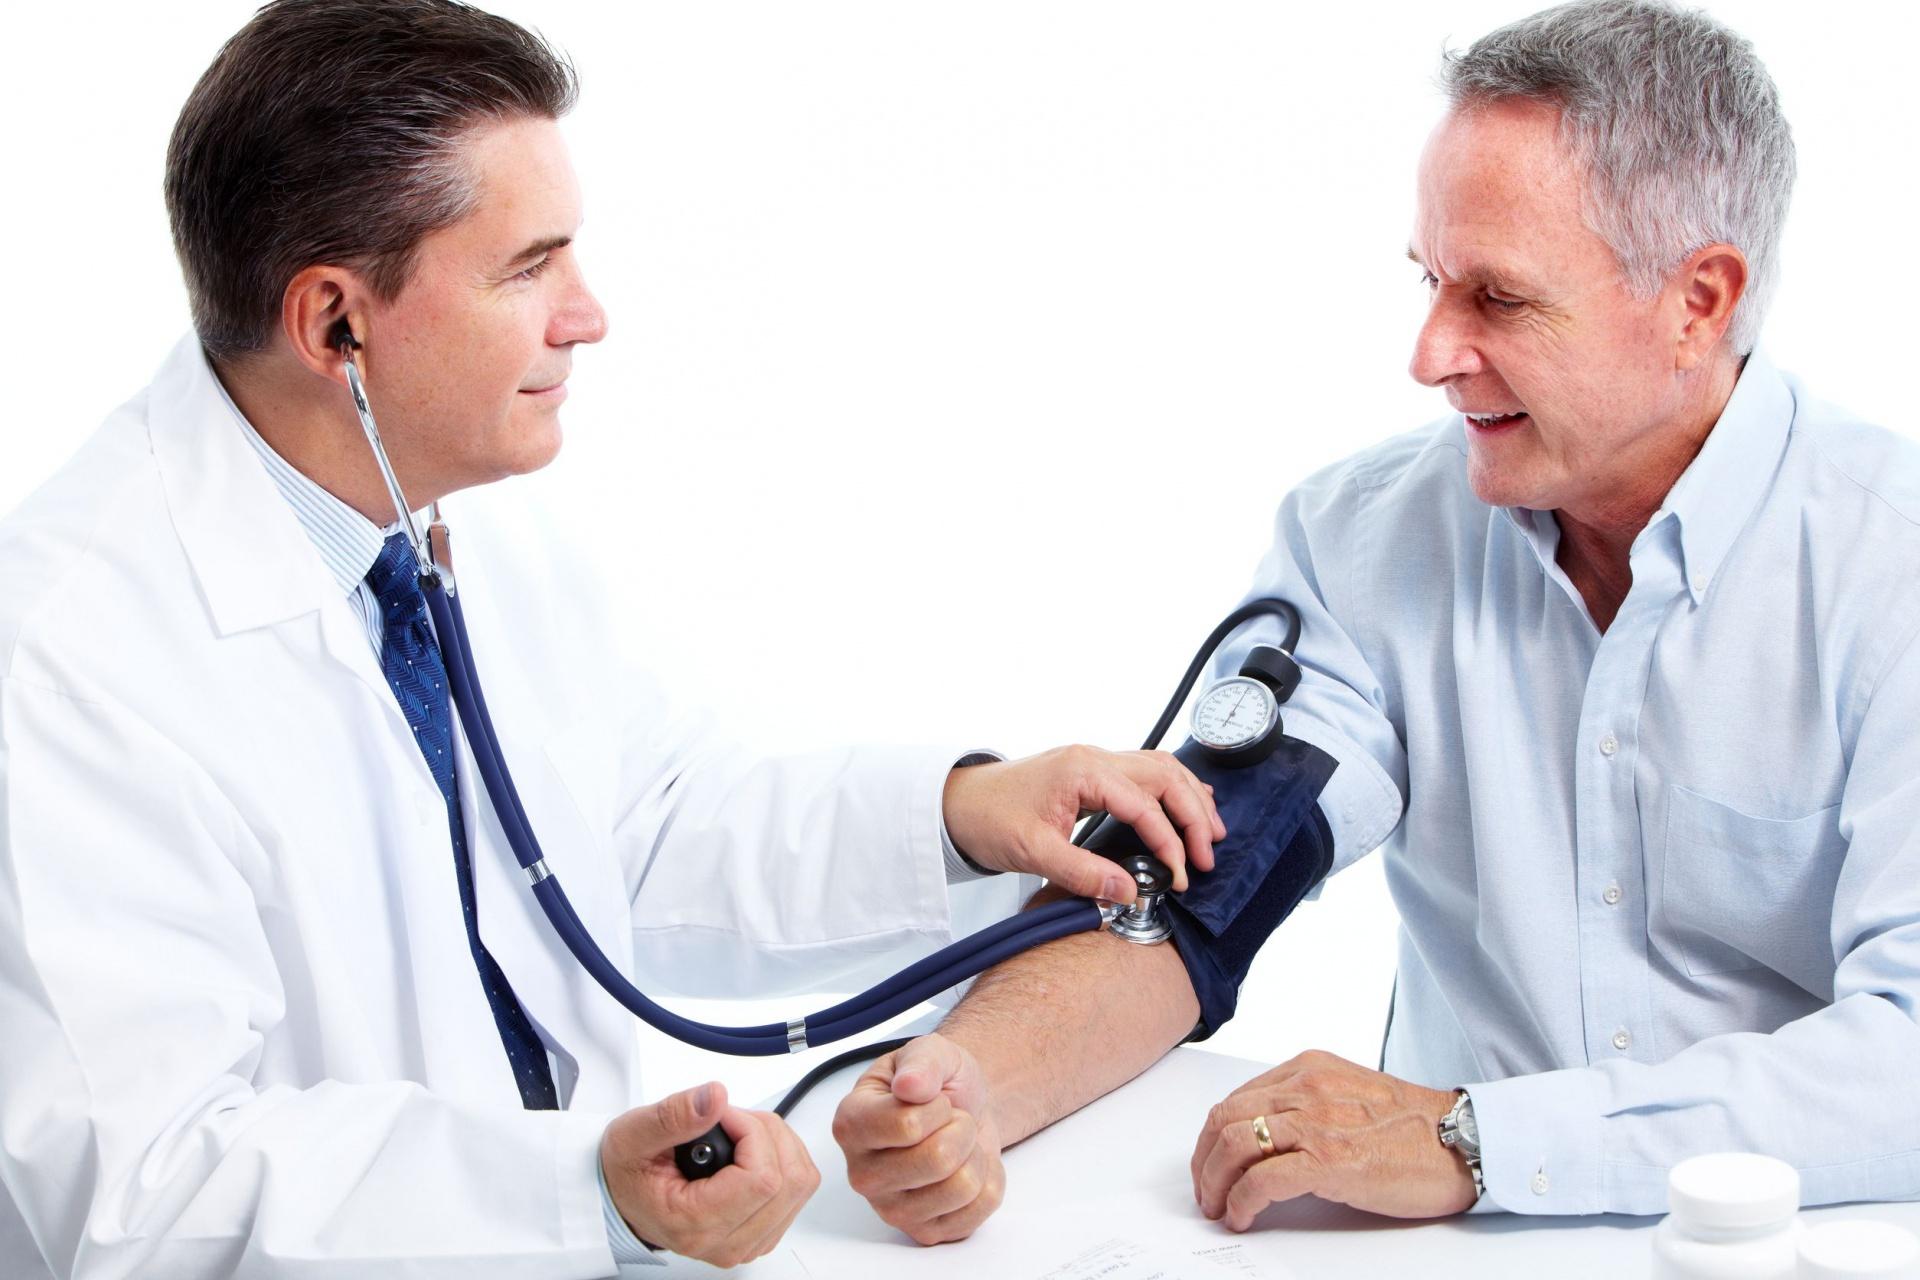 magas vérnyomás és küzdelem gyógyszer magas vérnyomás angina pectoris